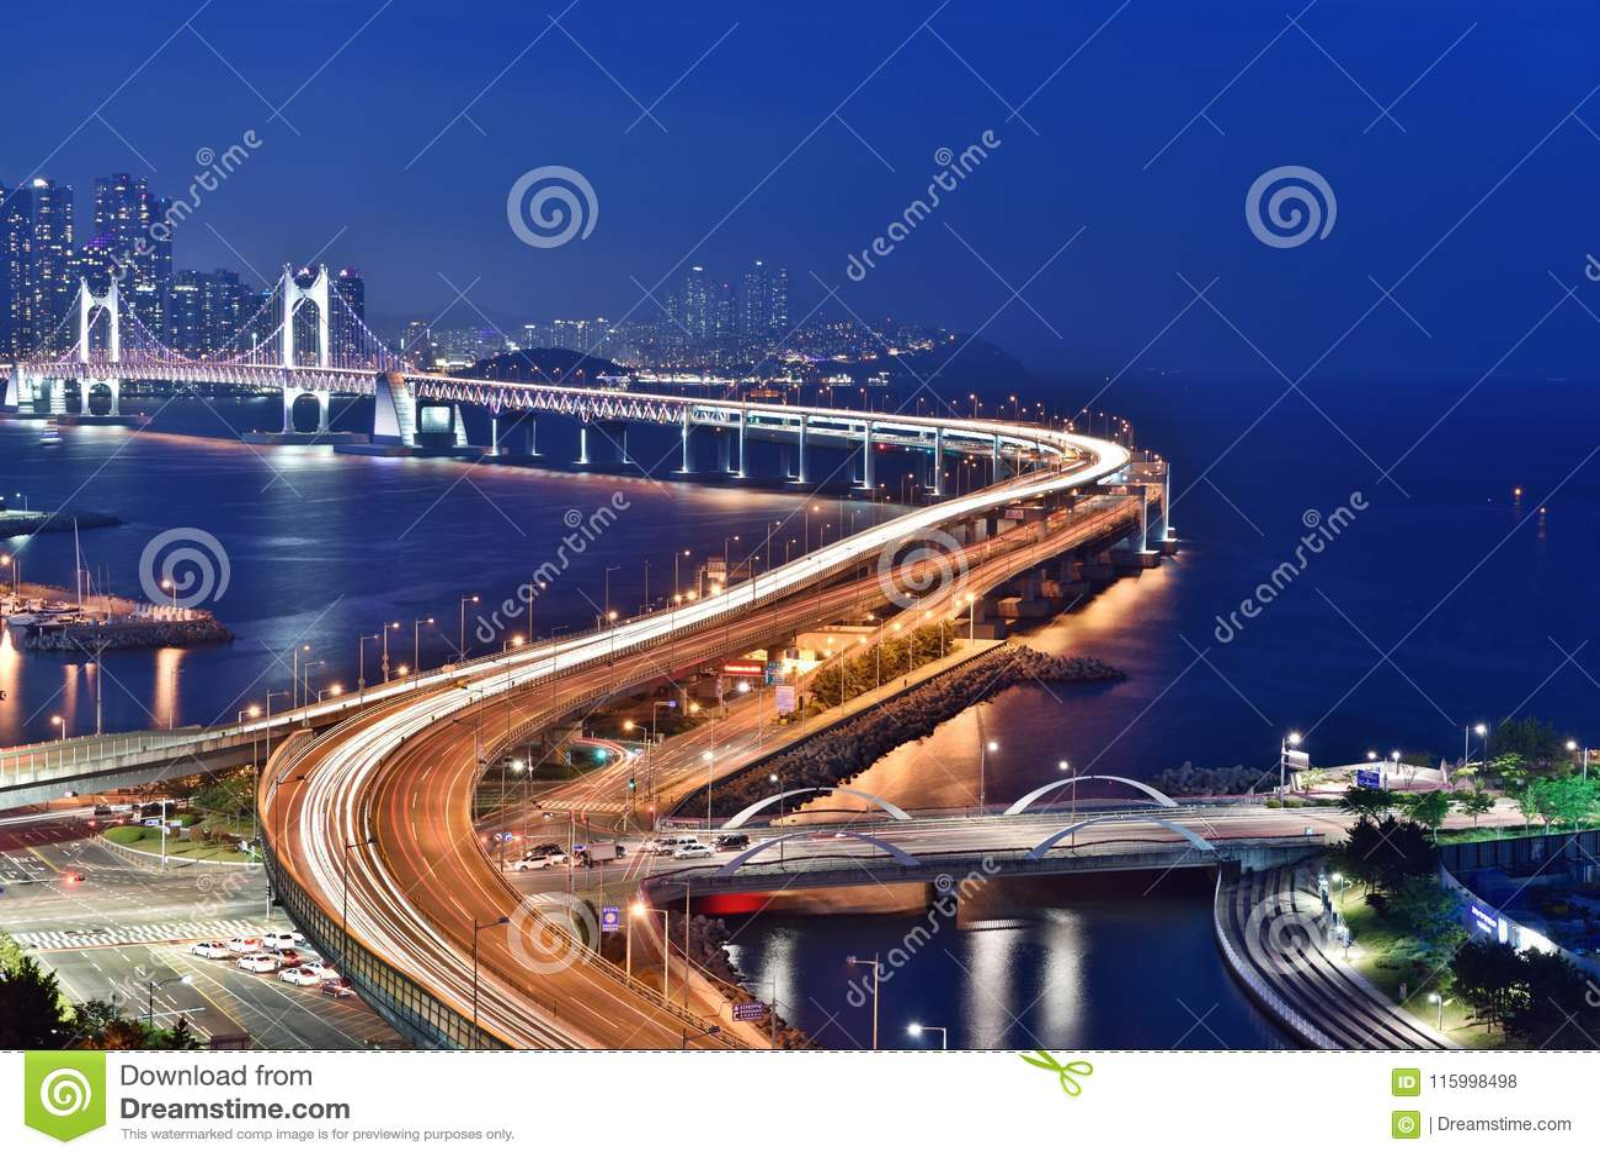 Night Scene at Busan Bridge,Gwangan,South Korea